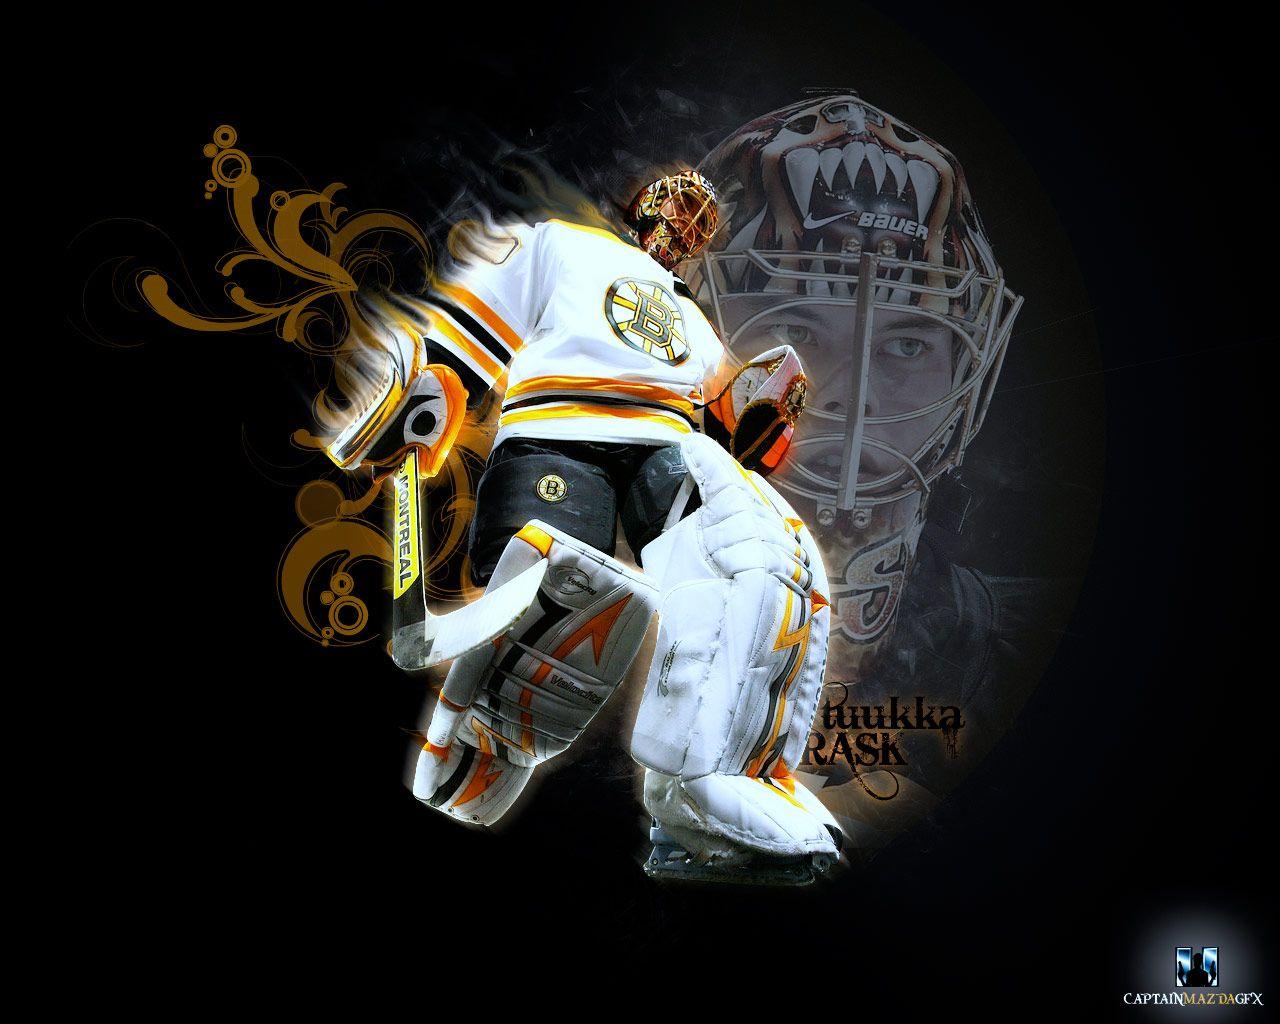 Boston Bruins Wallpaper Rask Boston Bruins Wallpaper Tuukka Rask Boston Bruins Wallpaper Boston Bruins Wallpaper Boston Bruins Funny Boston Bruins